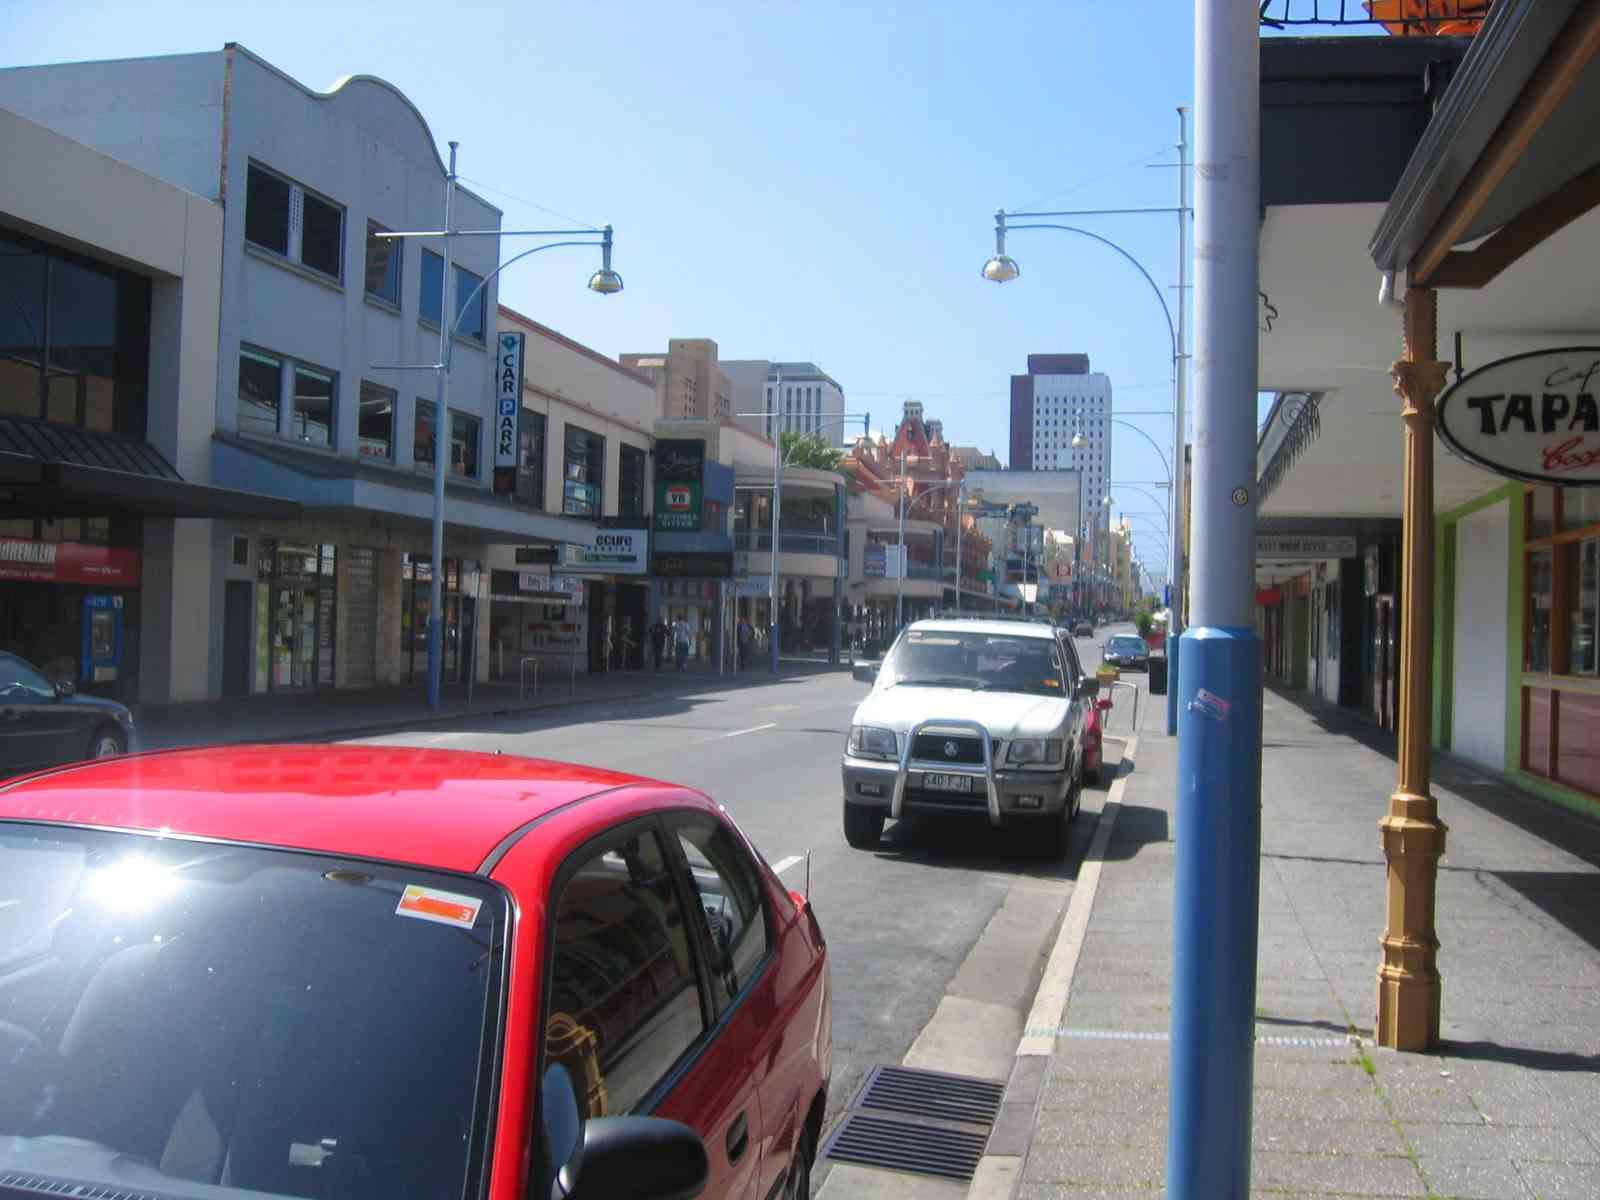 Adelaide14